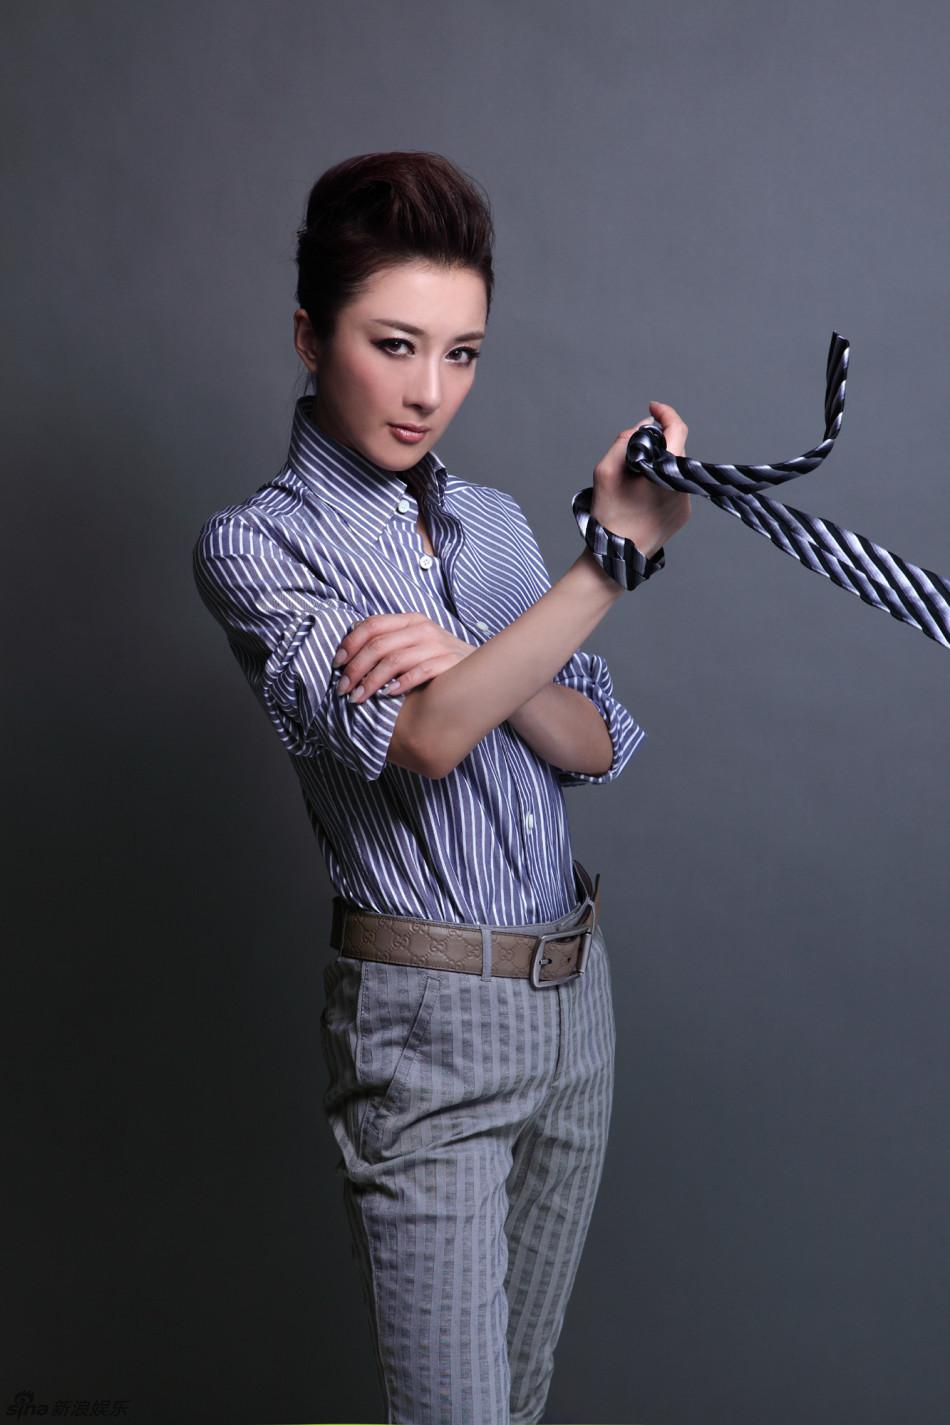 http://www.sinaimg.cn/dy/slidenews/4_img/2013_12/704_913847_521239.jpg